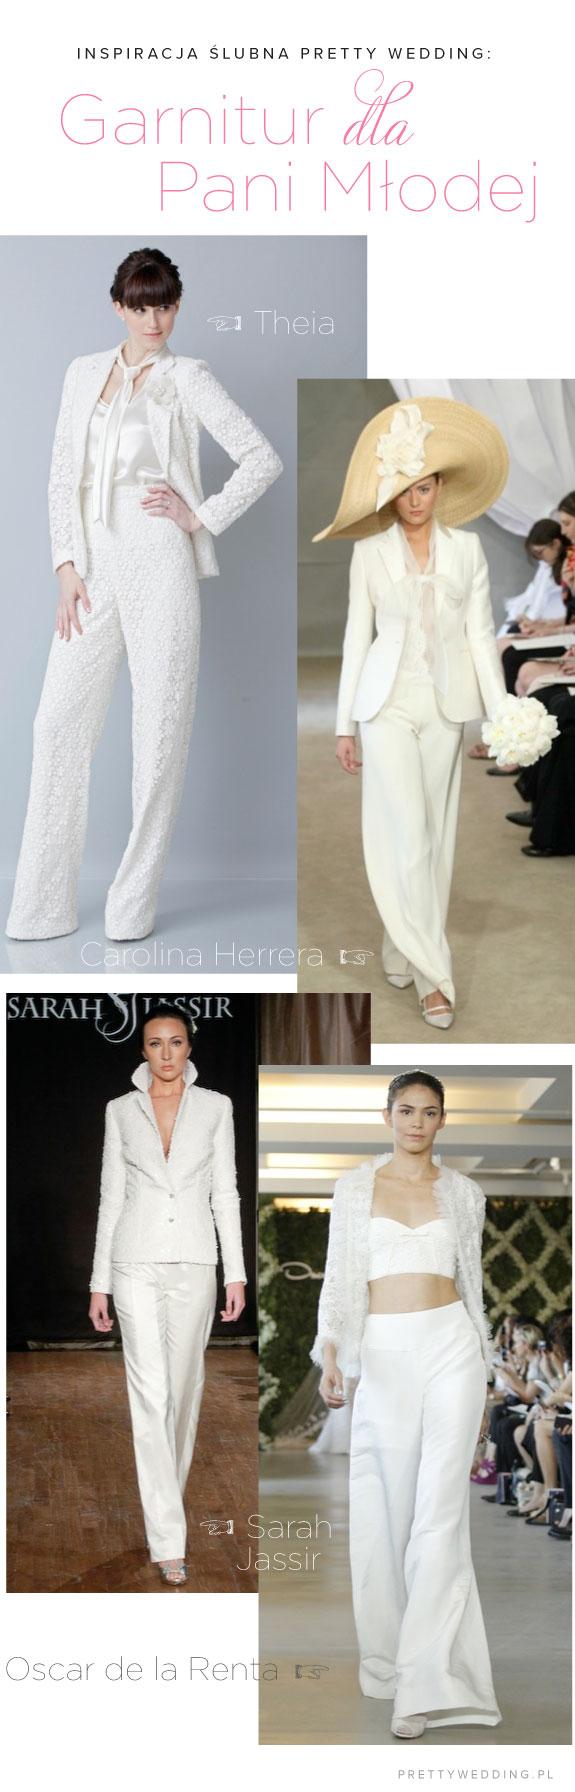 Pani Młoda w białym garniturze na ślubie